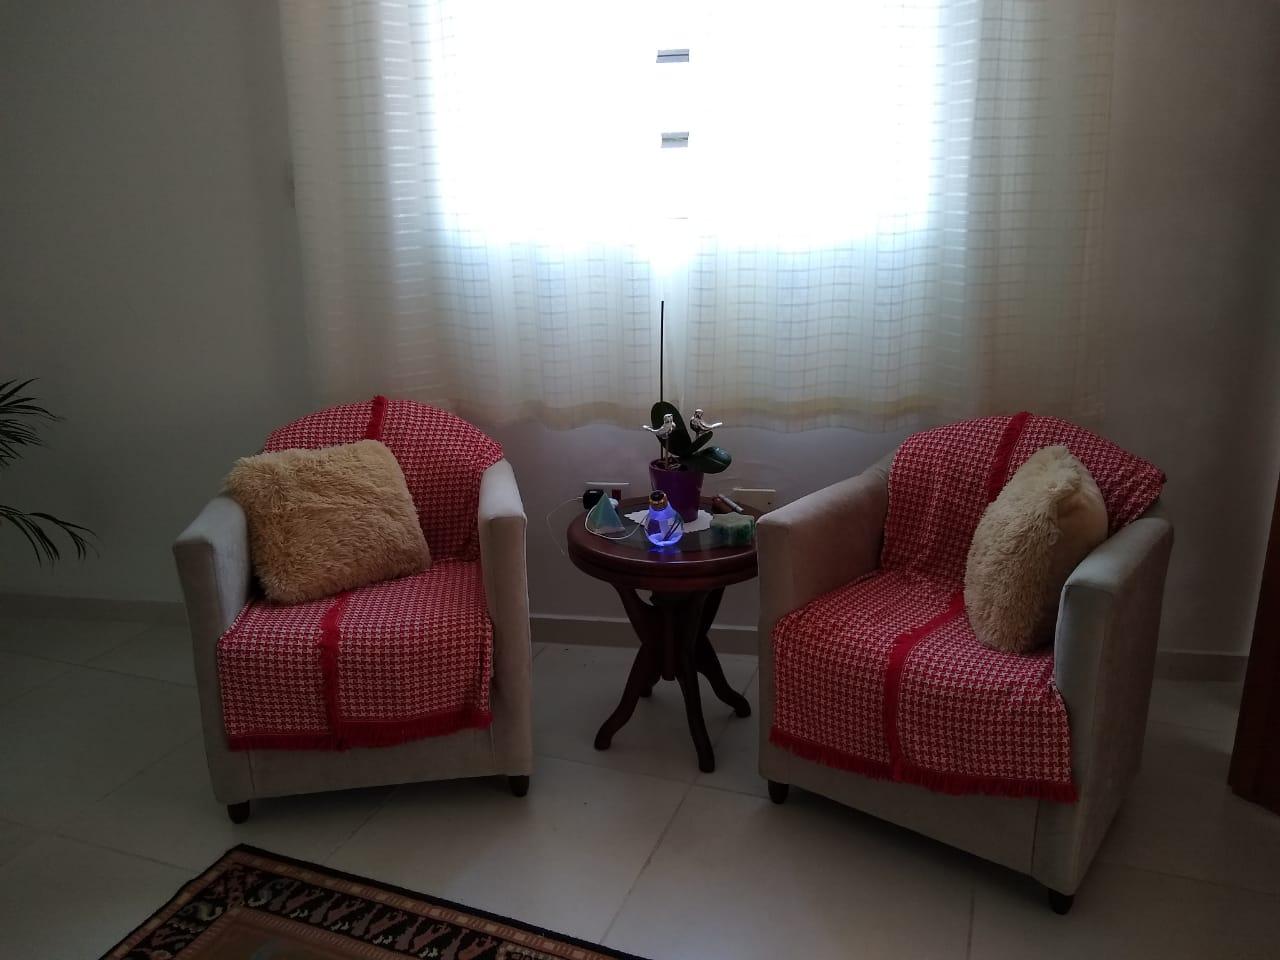 Uma imagem contendo interior, chão, parede, salão;Descrição gerada automaticamente